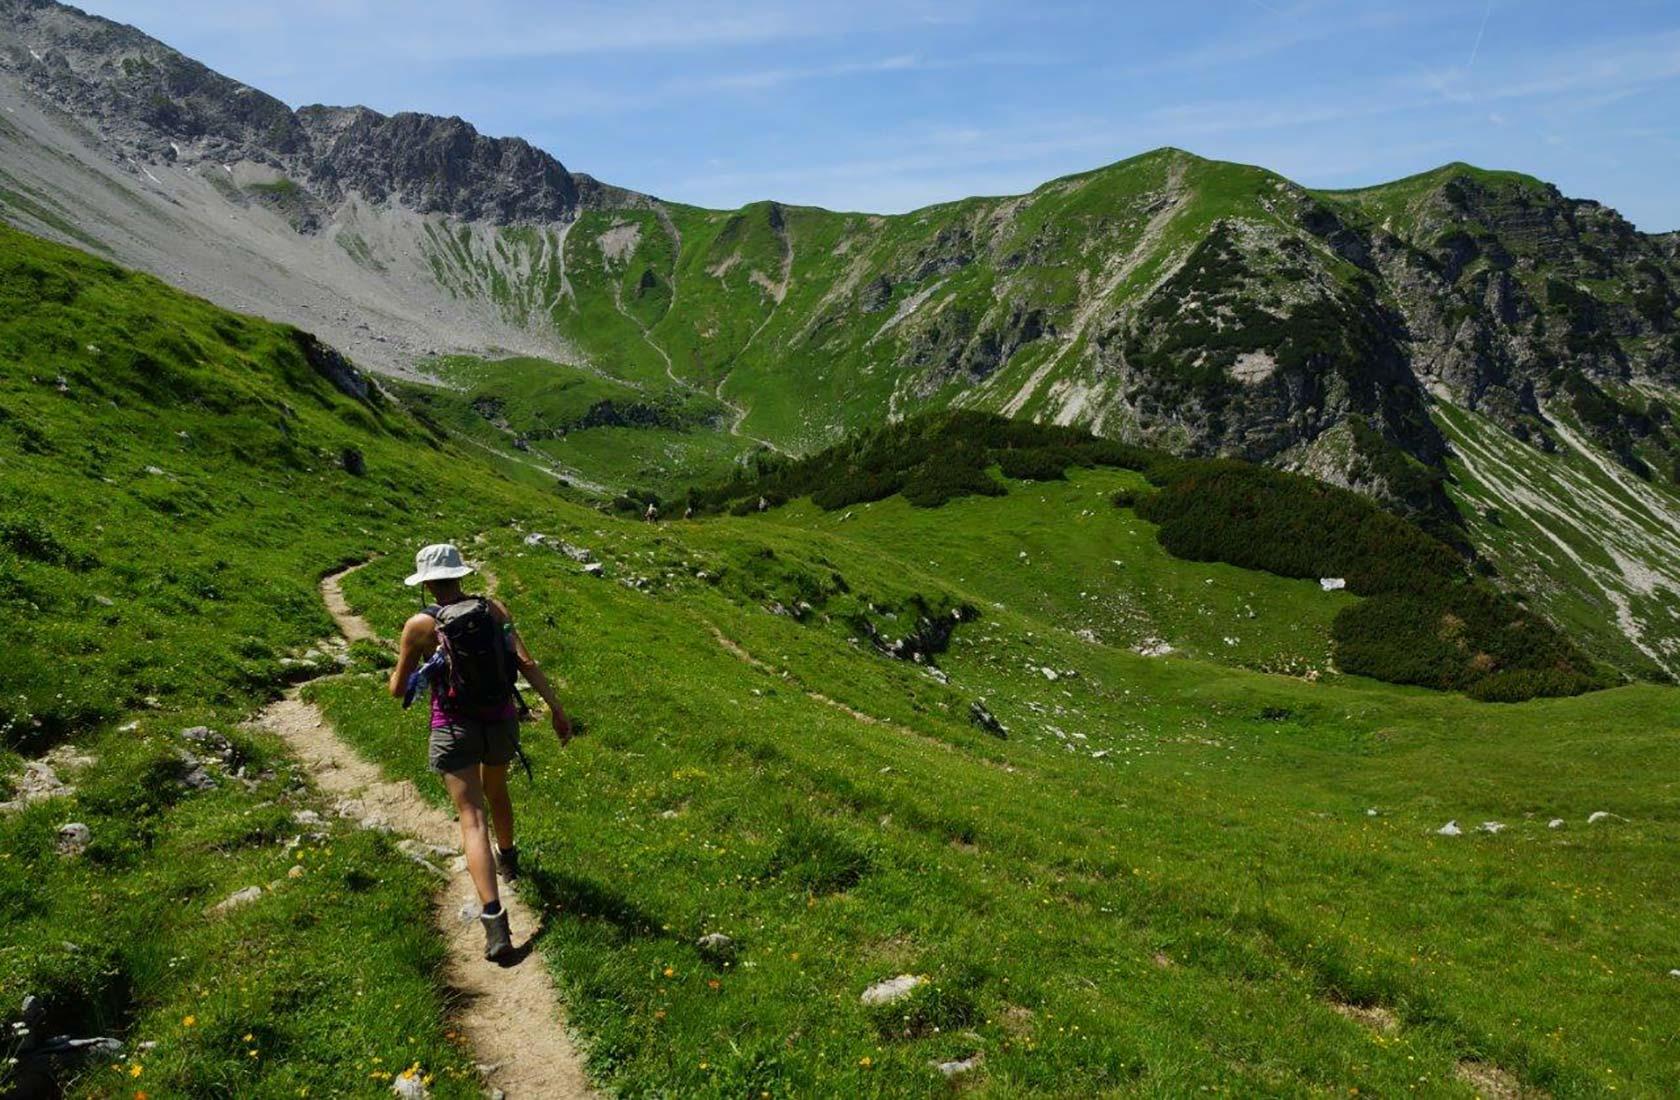 Wandern in den Bergen des Tannheimer Tals